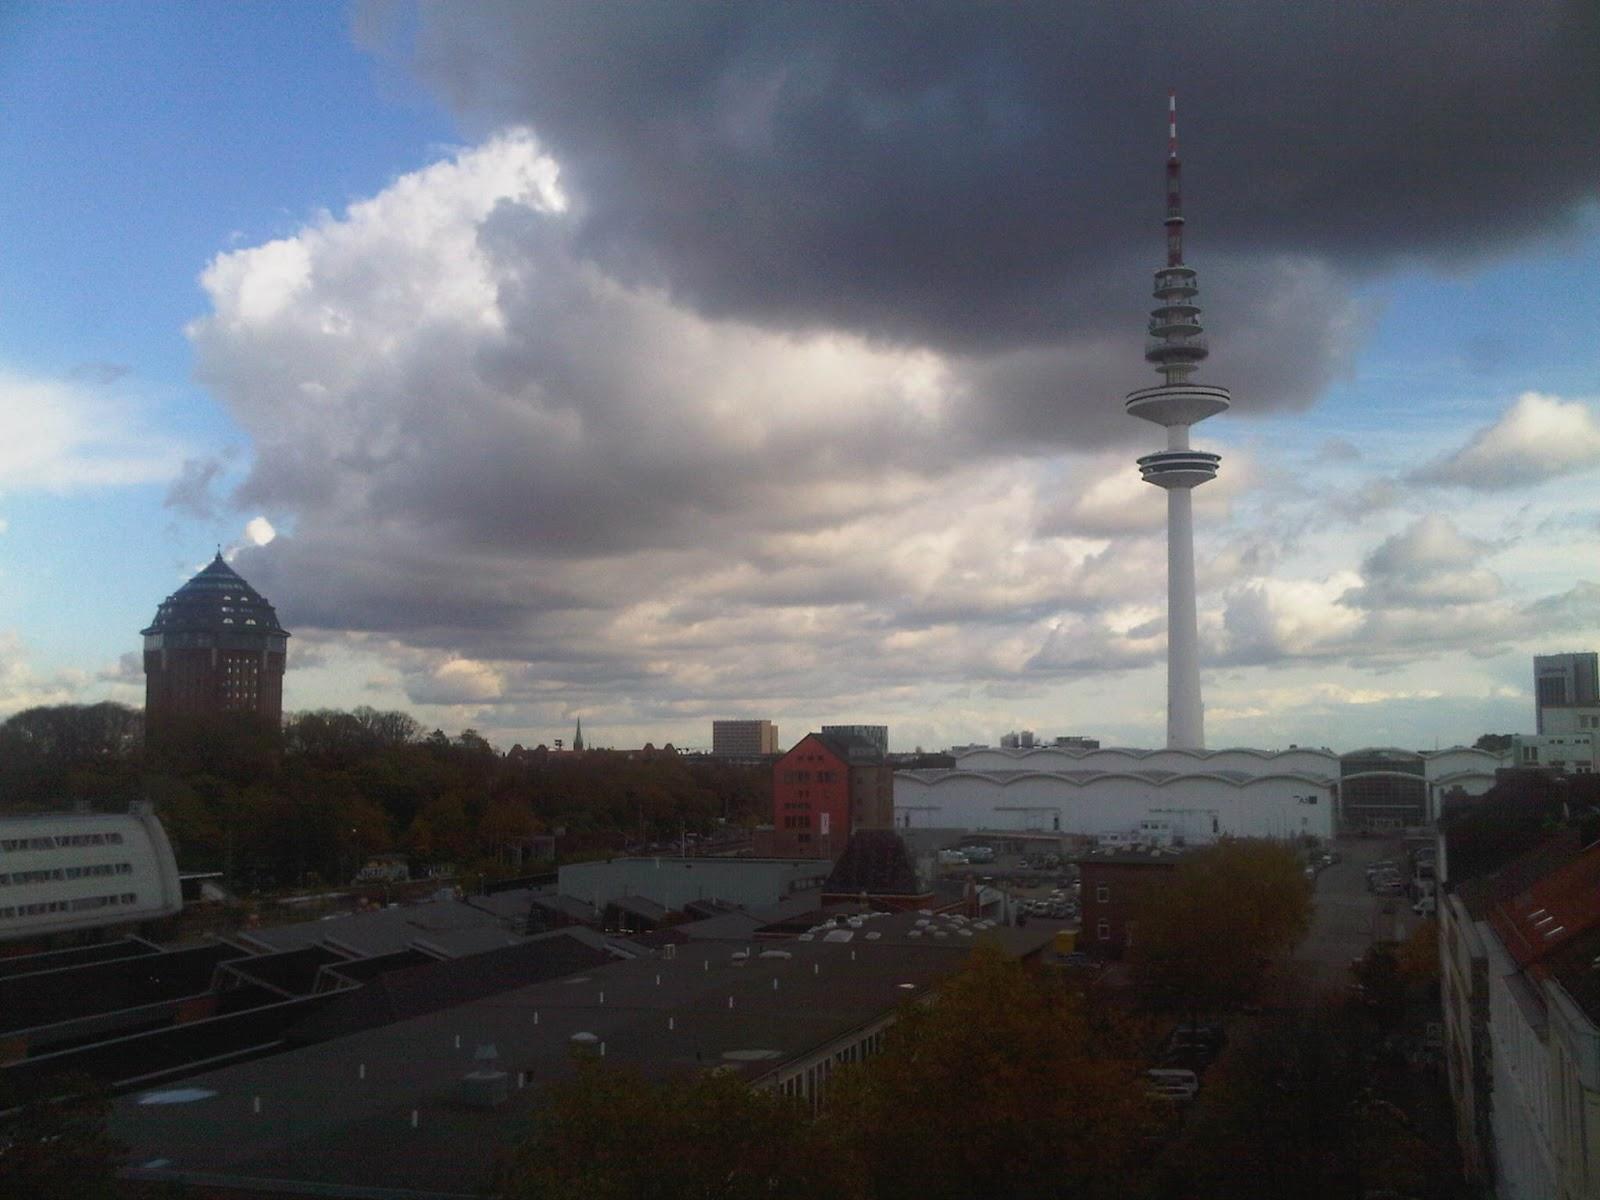 Fernsehturm Hamburg - Dunkle Wolken